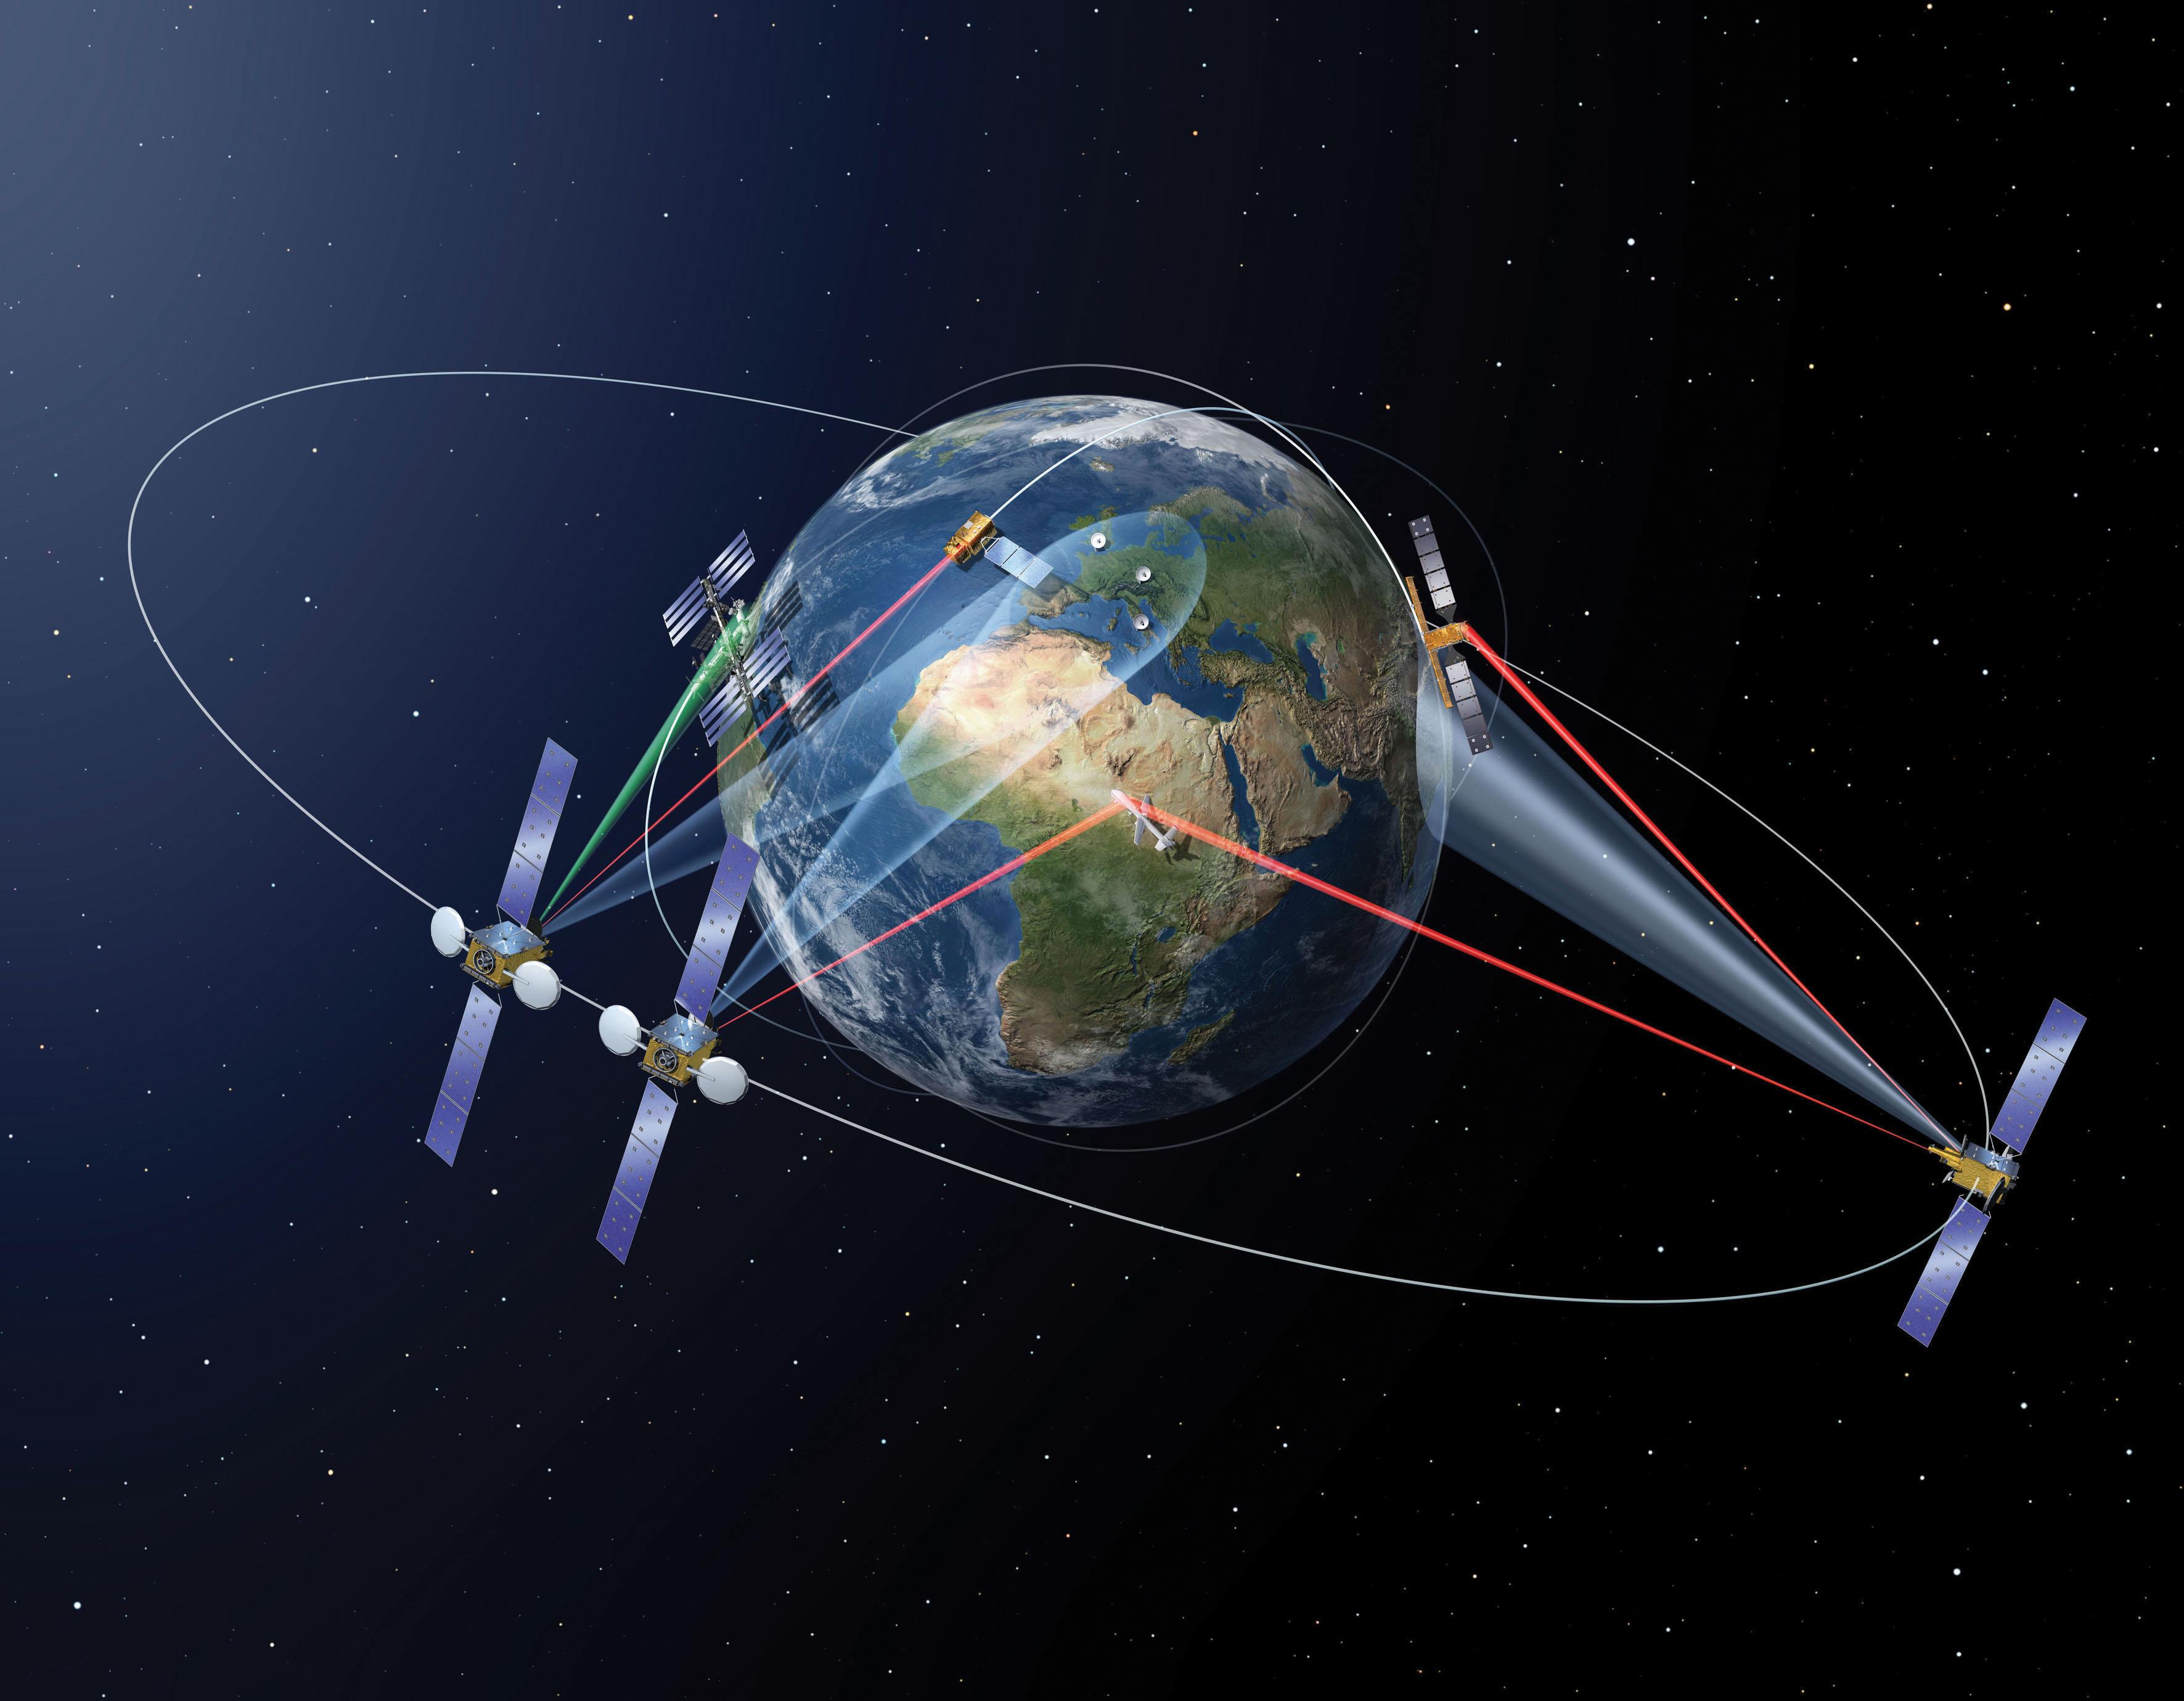 primera-descarga-de-imagenes-en-el-espacio-con-conexion-laser-de-gigabit